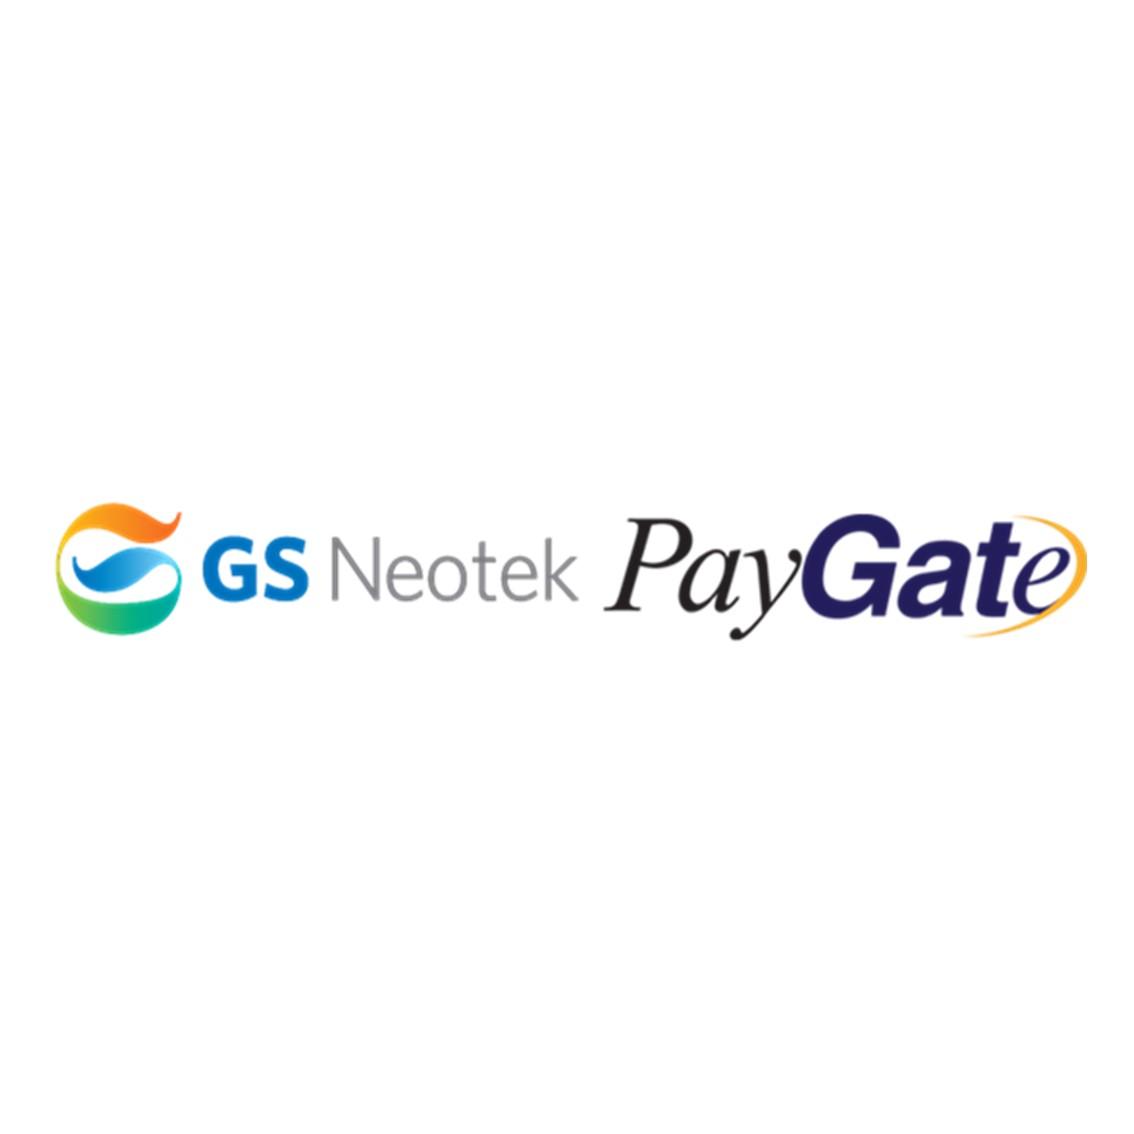 [뉴스]GS네오텍, 페이게이트 AWS 마이그레이션 성공리에 마쳐